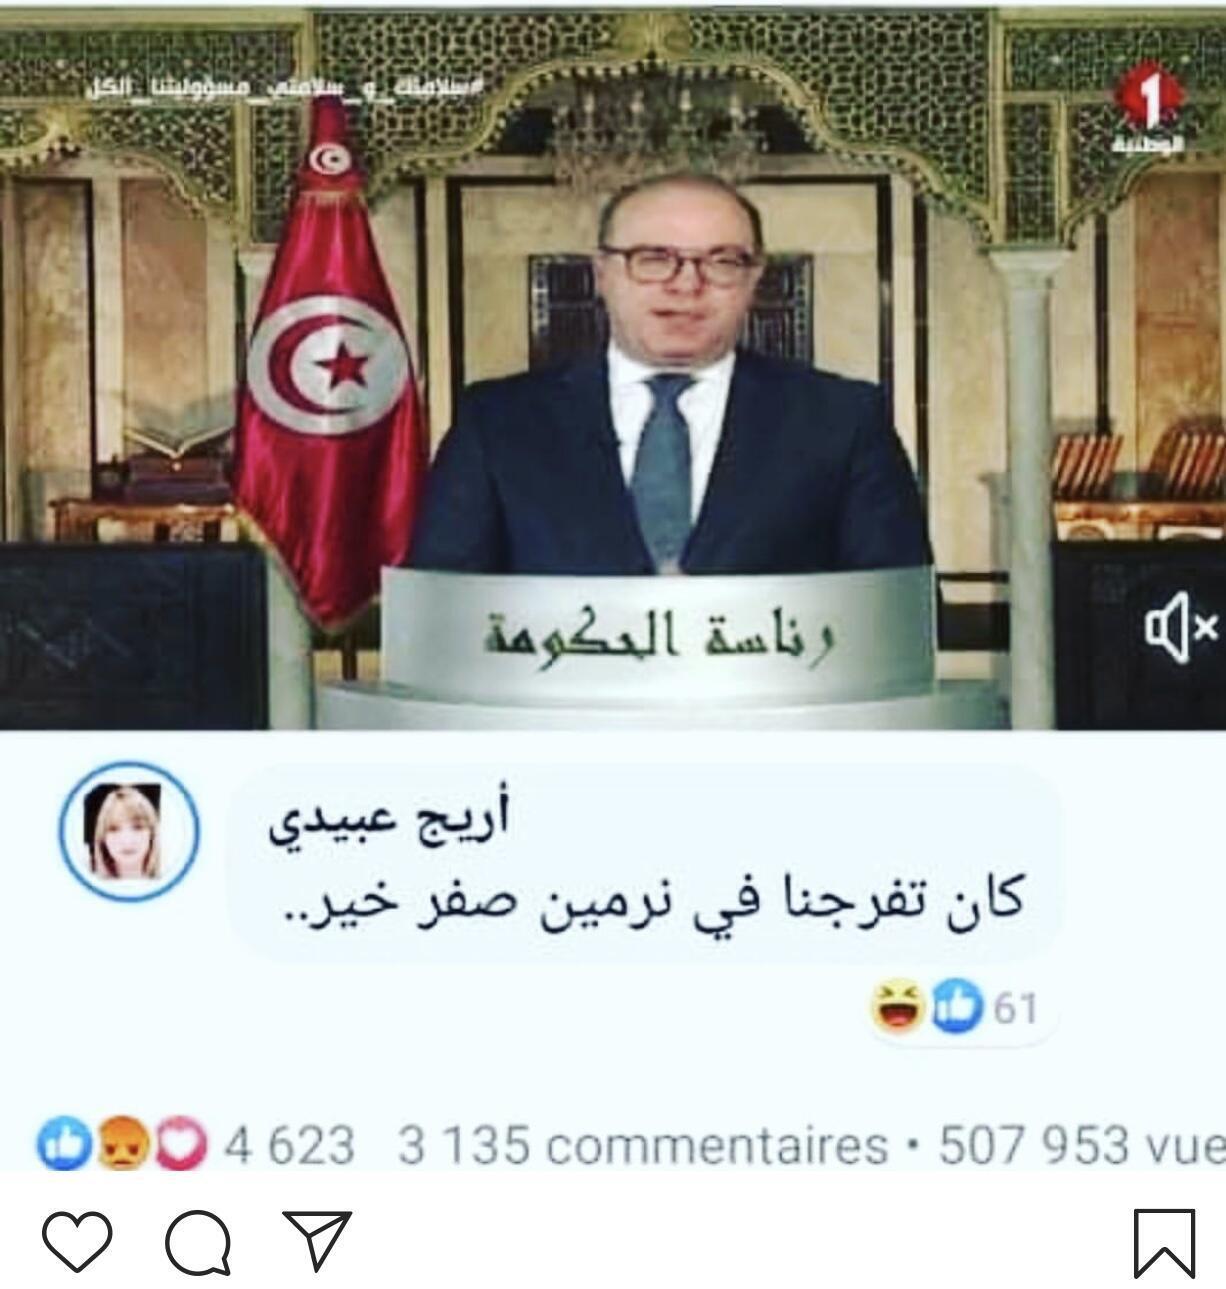 """"""" كان من الأفضل مشاهدة نرمين صفر"""" ، تعليق لناشطة على فيسبوك"""